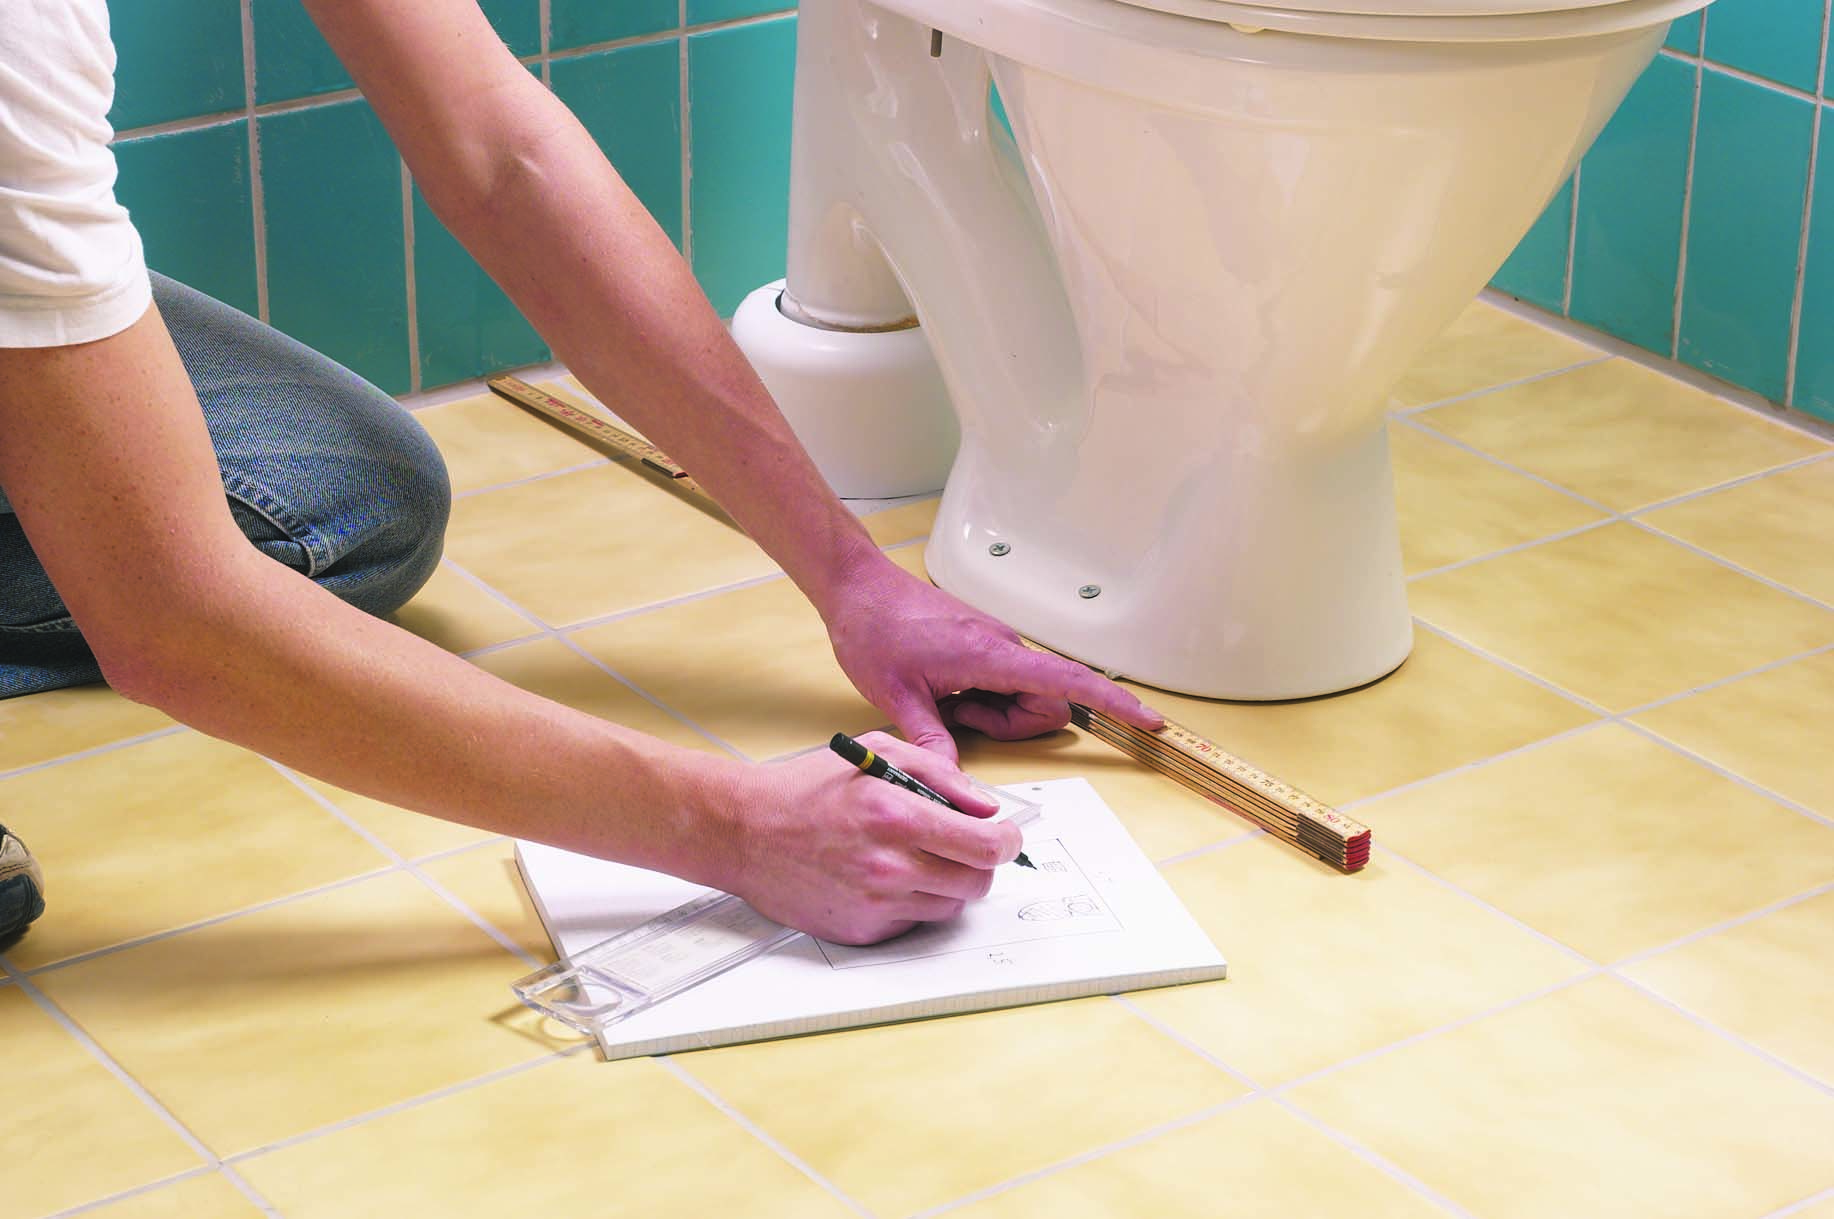 Установка унитаза своими руками – пошаговая инструкция